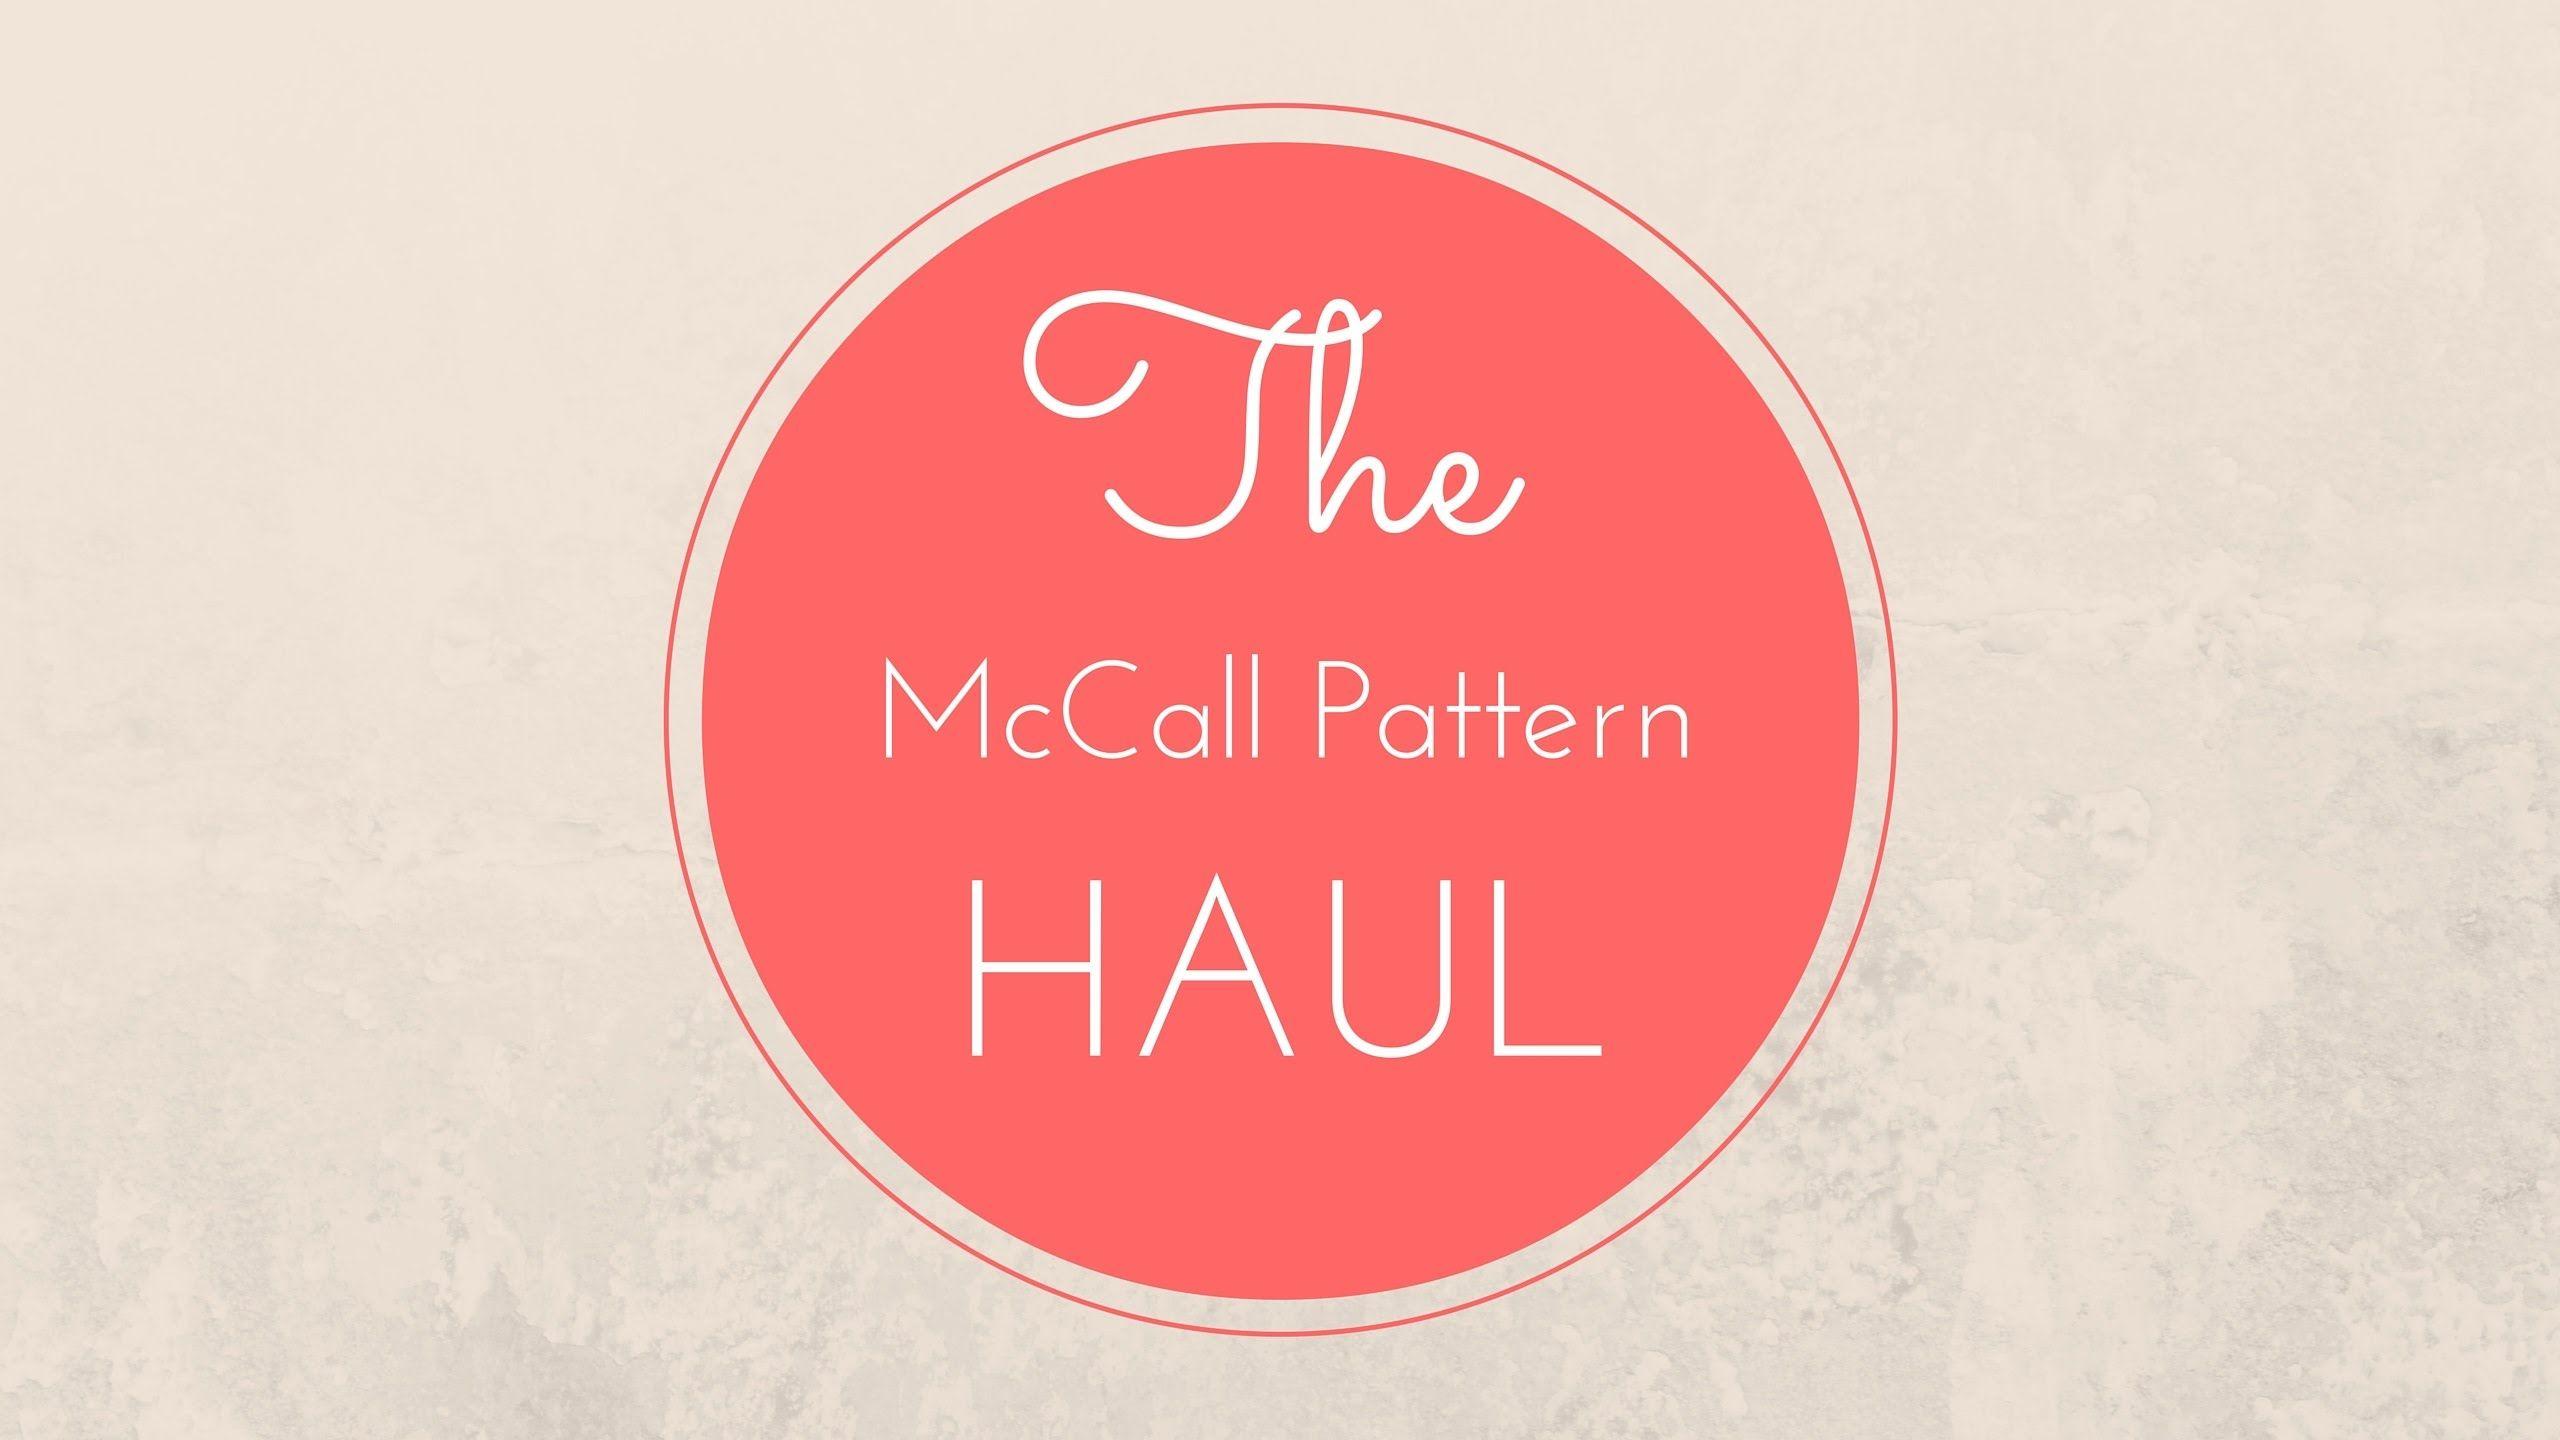 [September] McCall Pattern Haul - Video @mccallpatternco